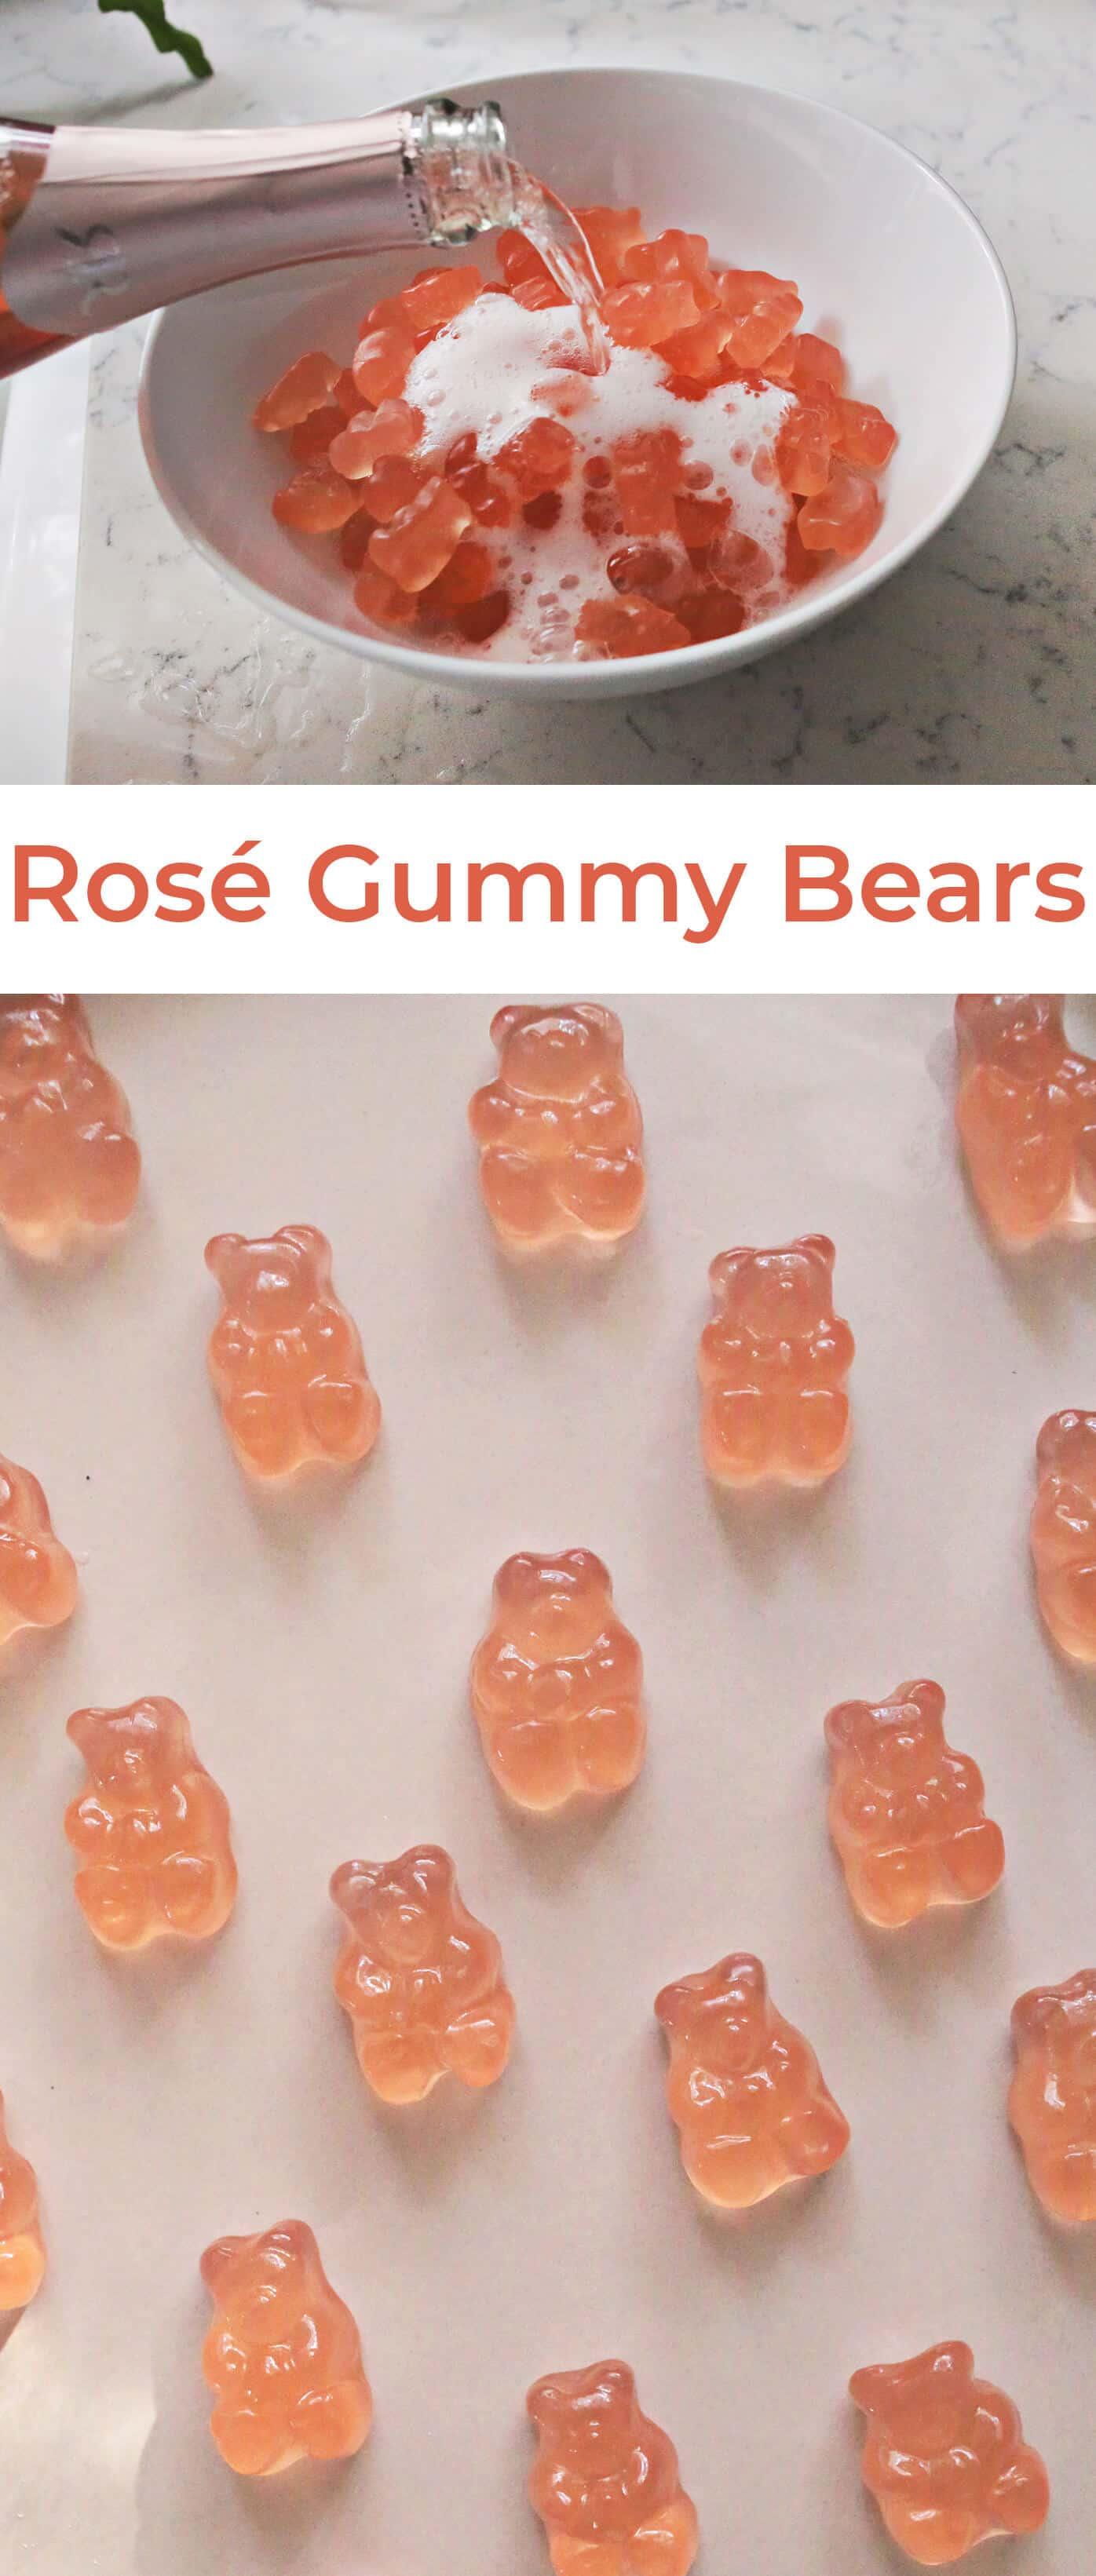 Versuchen Sie folgendes: Roségetränkte Gummibärchen